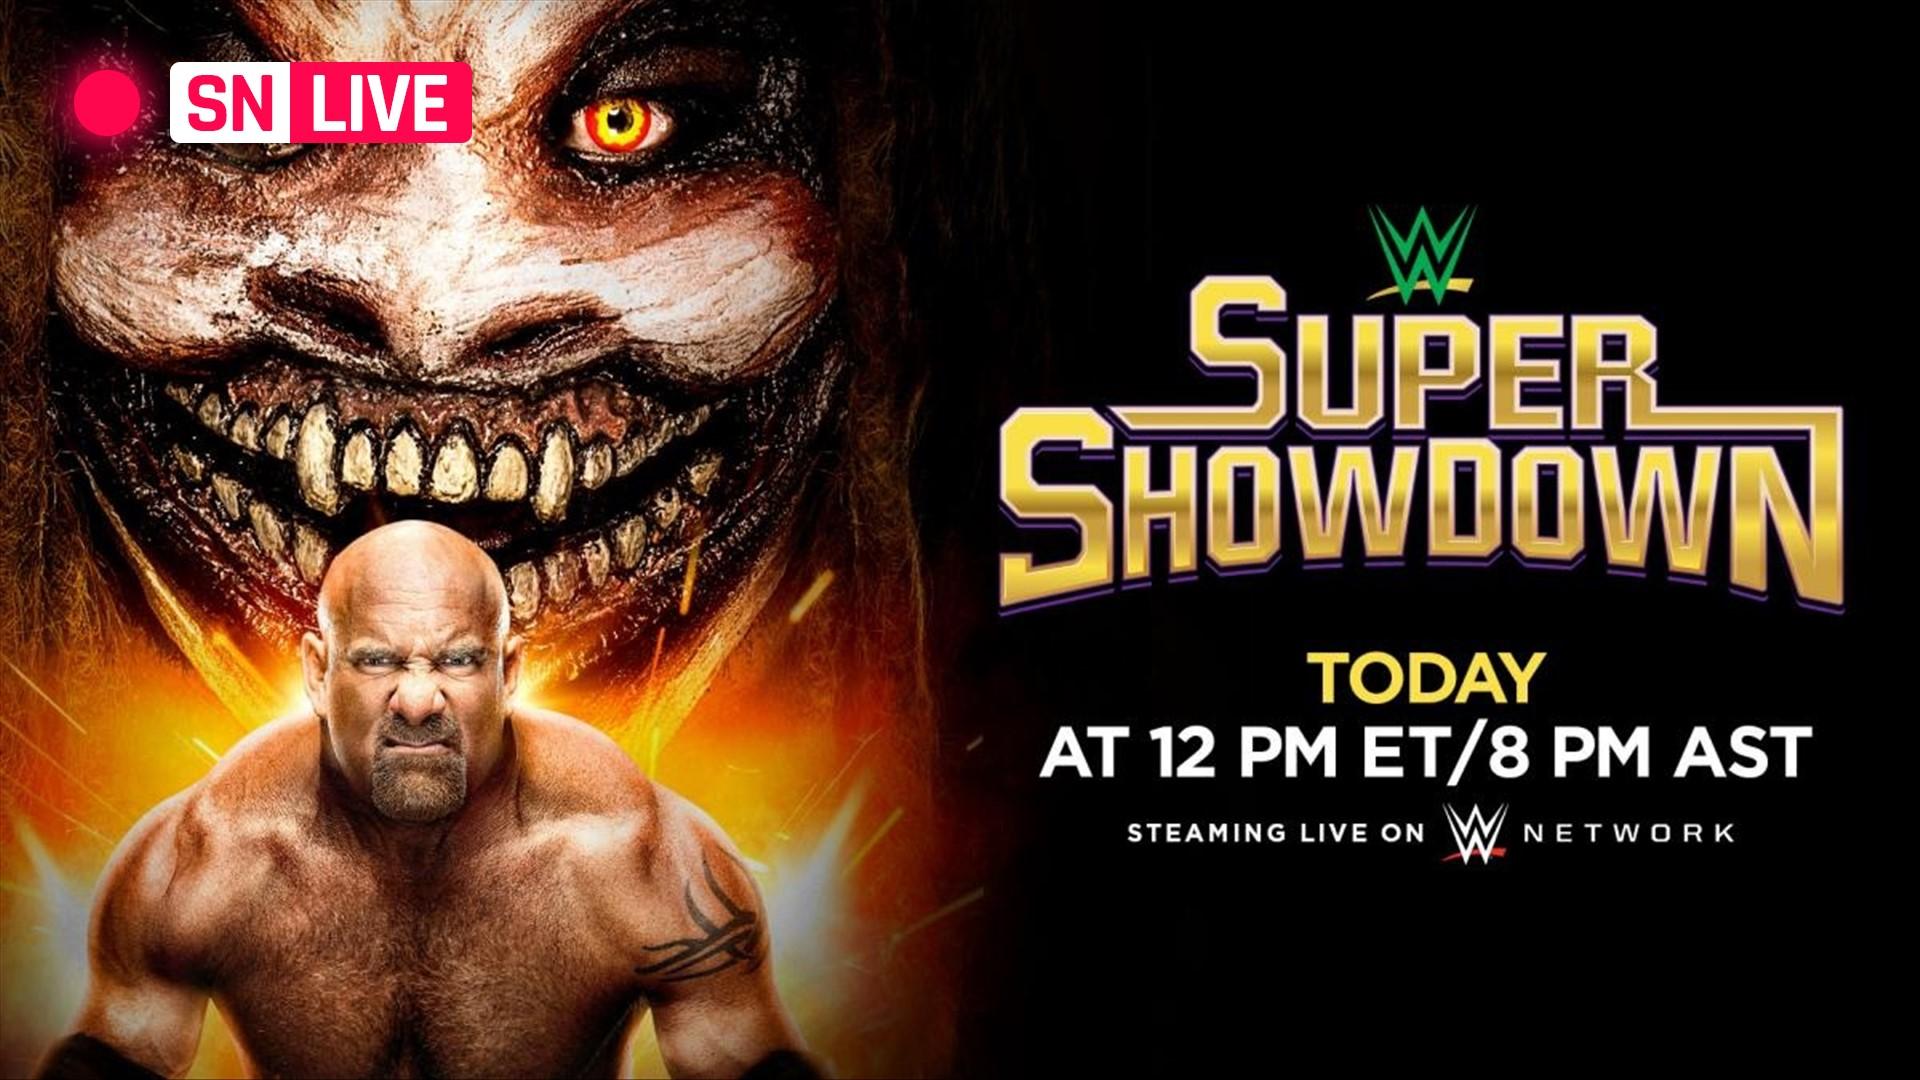 Resultados en vivo de WWE Super Showdown, actualizaciones, aspectos destacados de todo el show 15